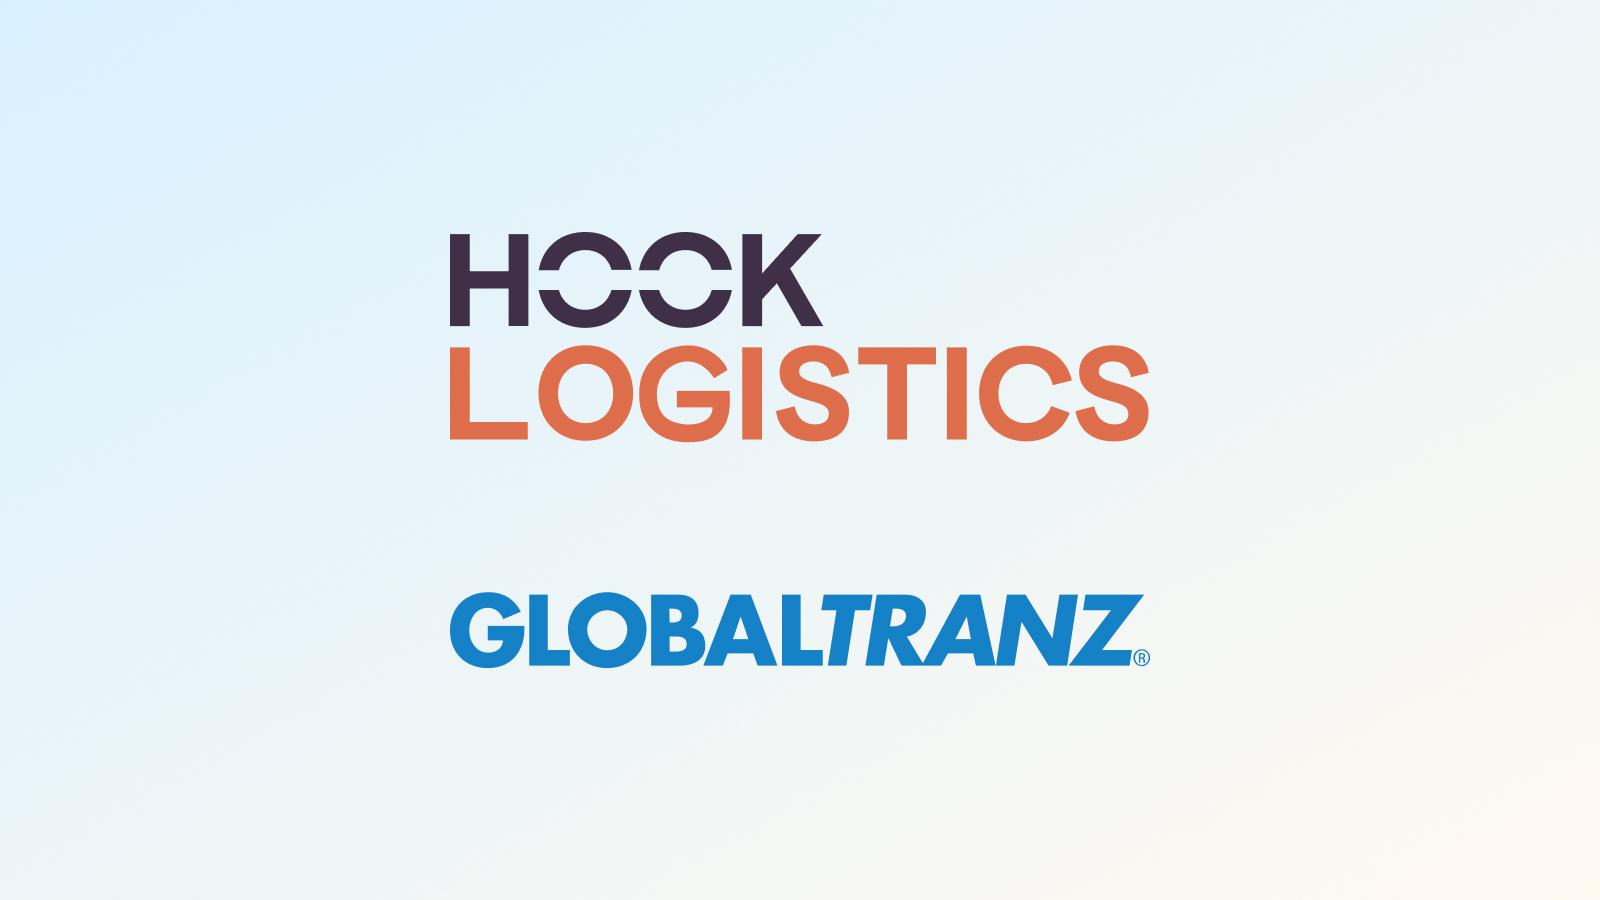 Hook Logistics × GlobalTranz